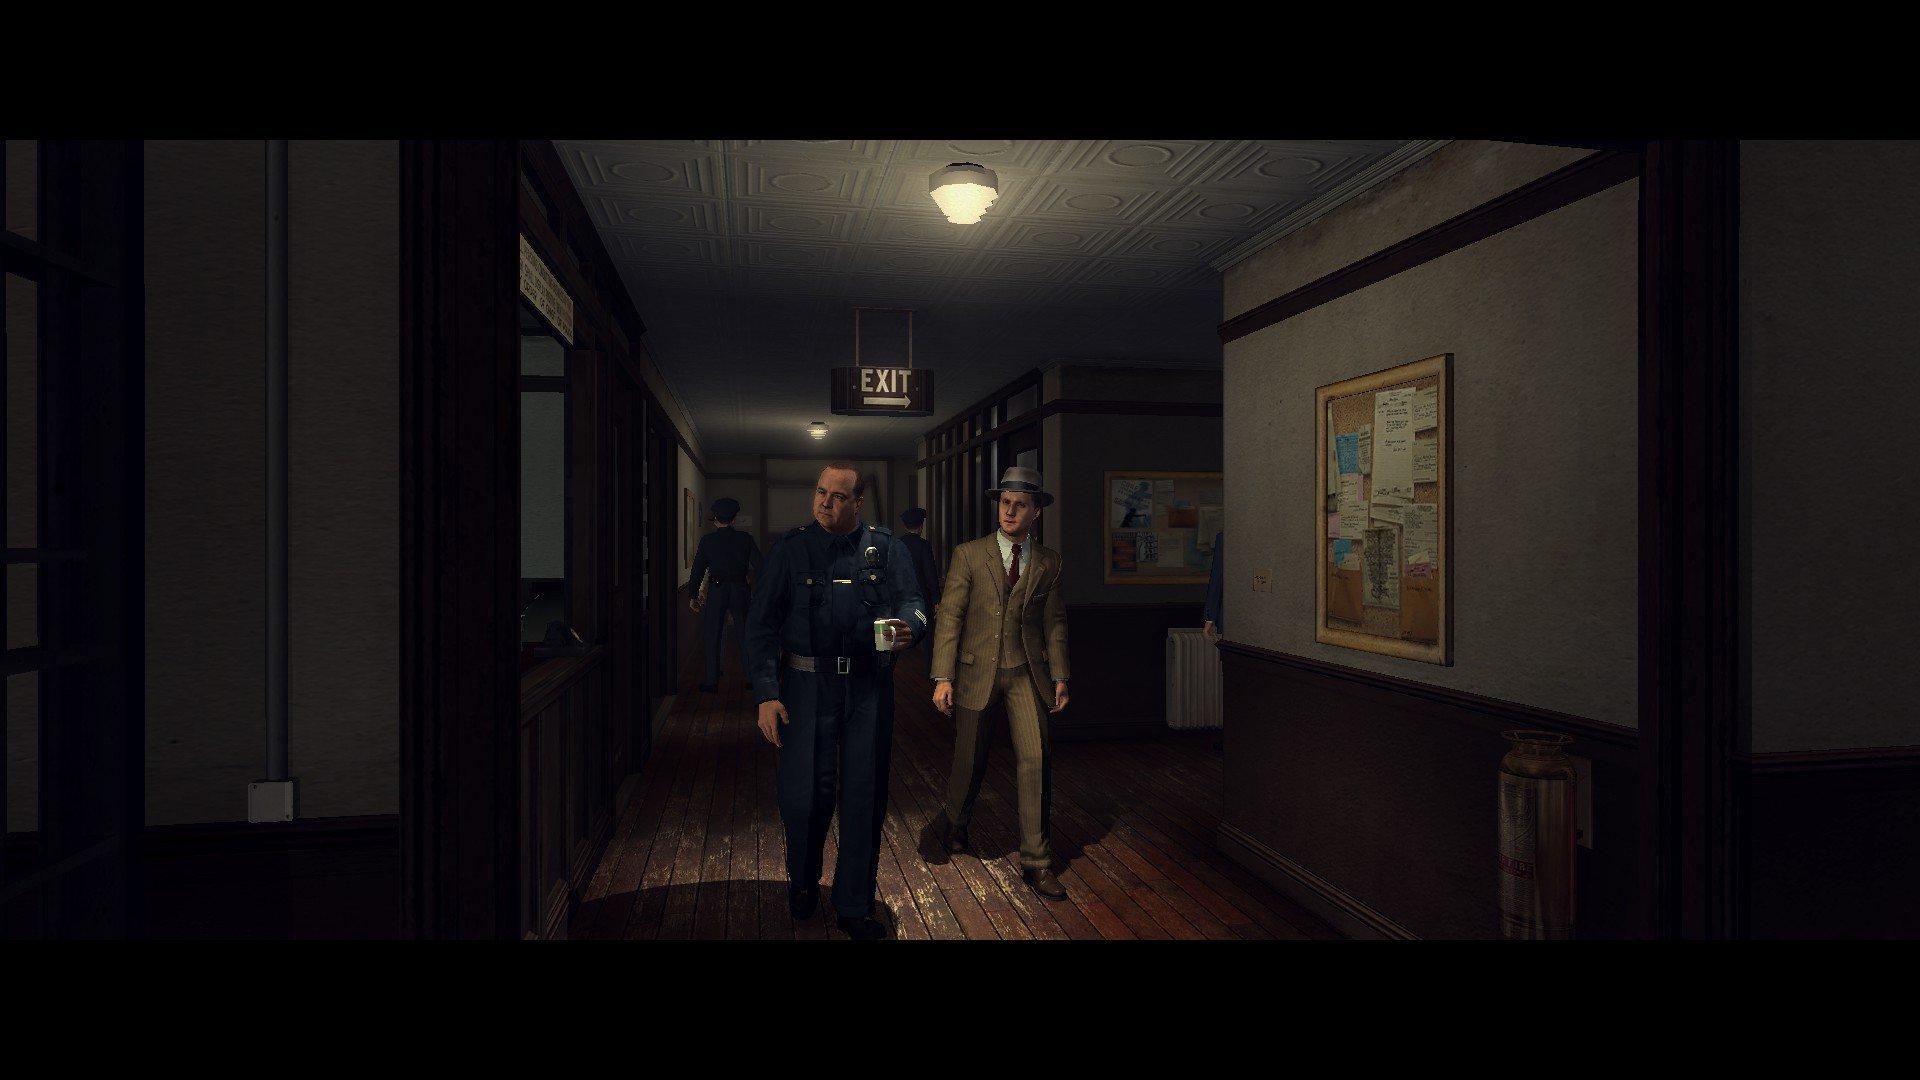 Пост-прохождение L.A. Noire Часть 3 - Изображение 3